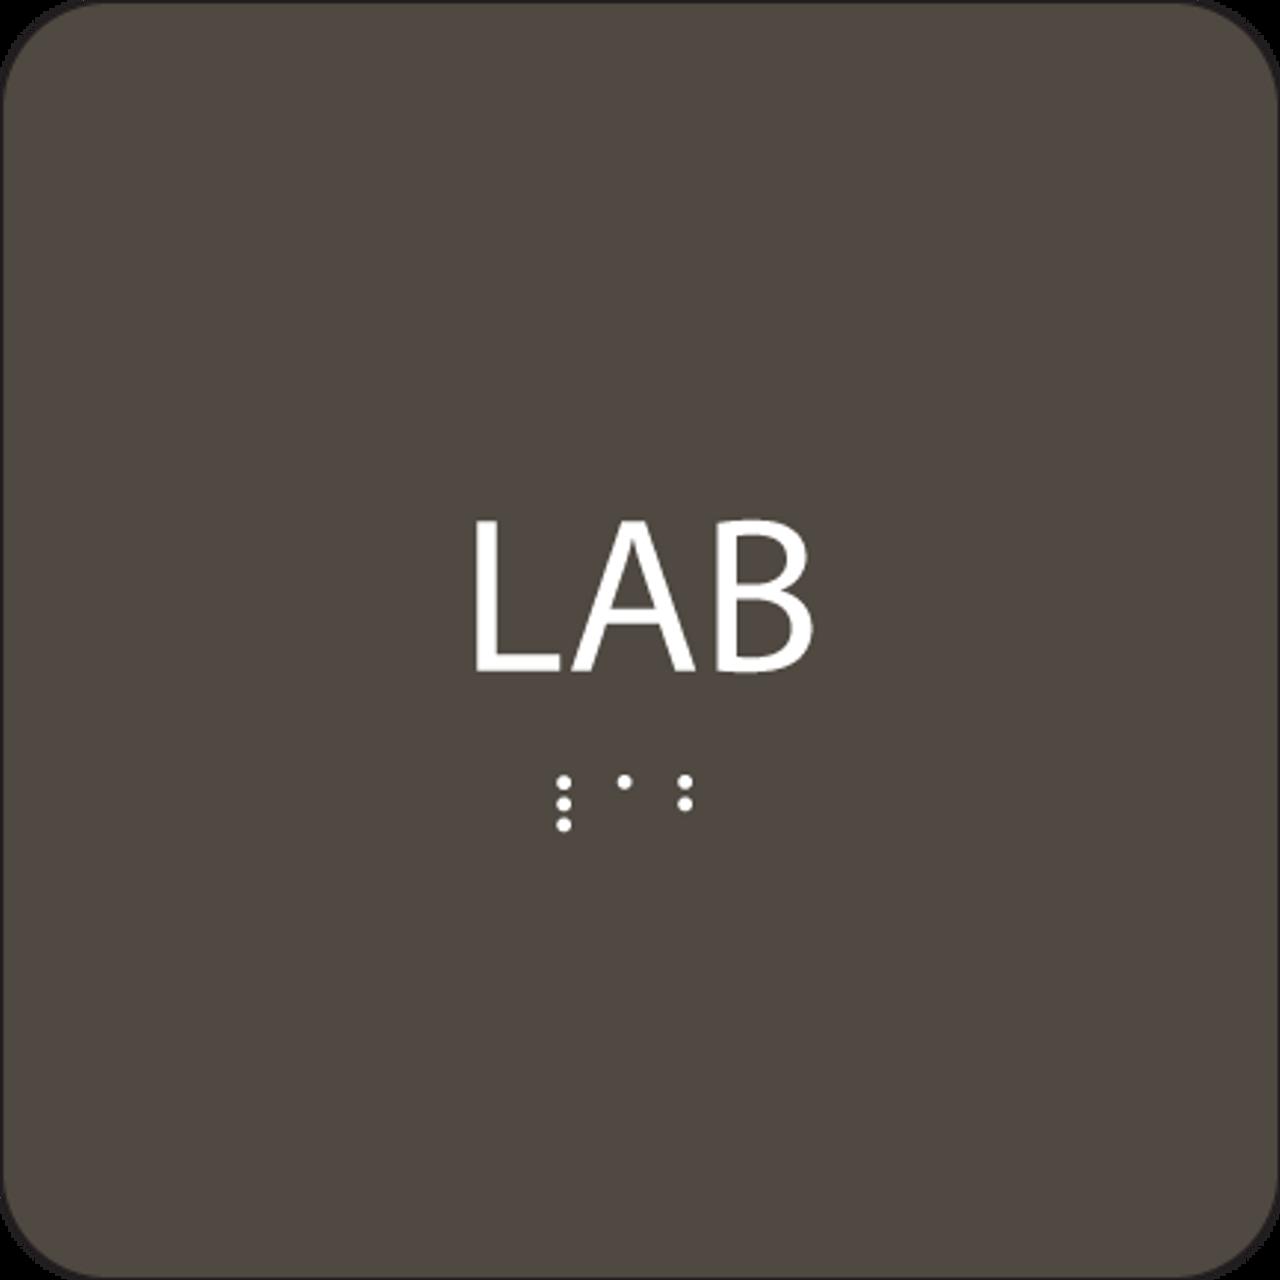 """Lab ADA Sign - 6"""" x 6"""""""